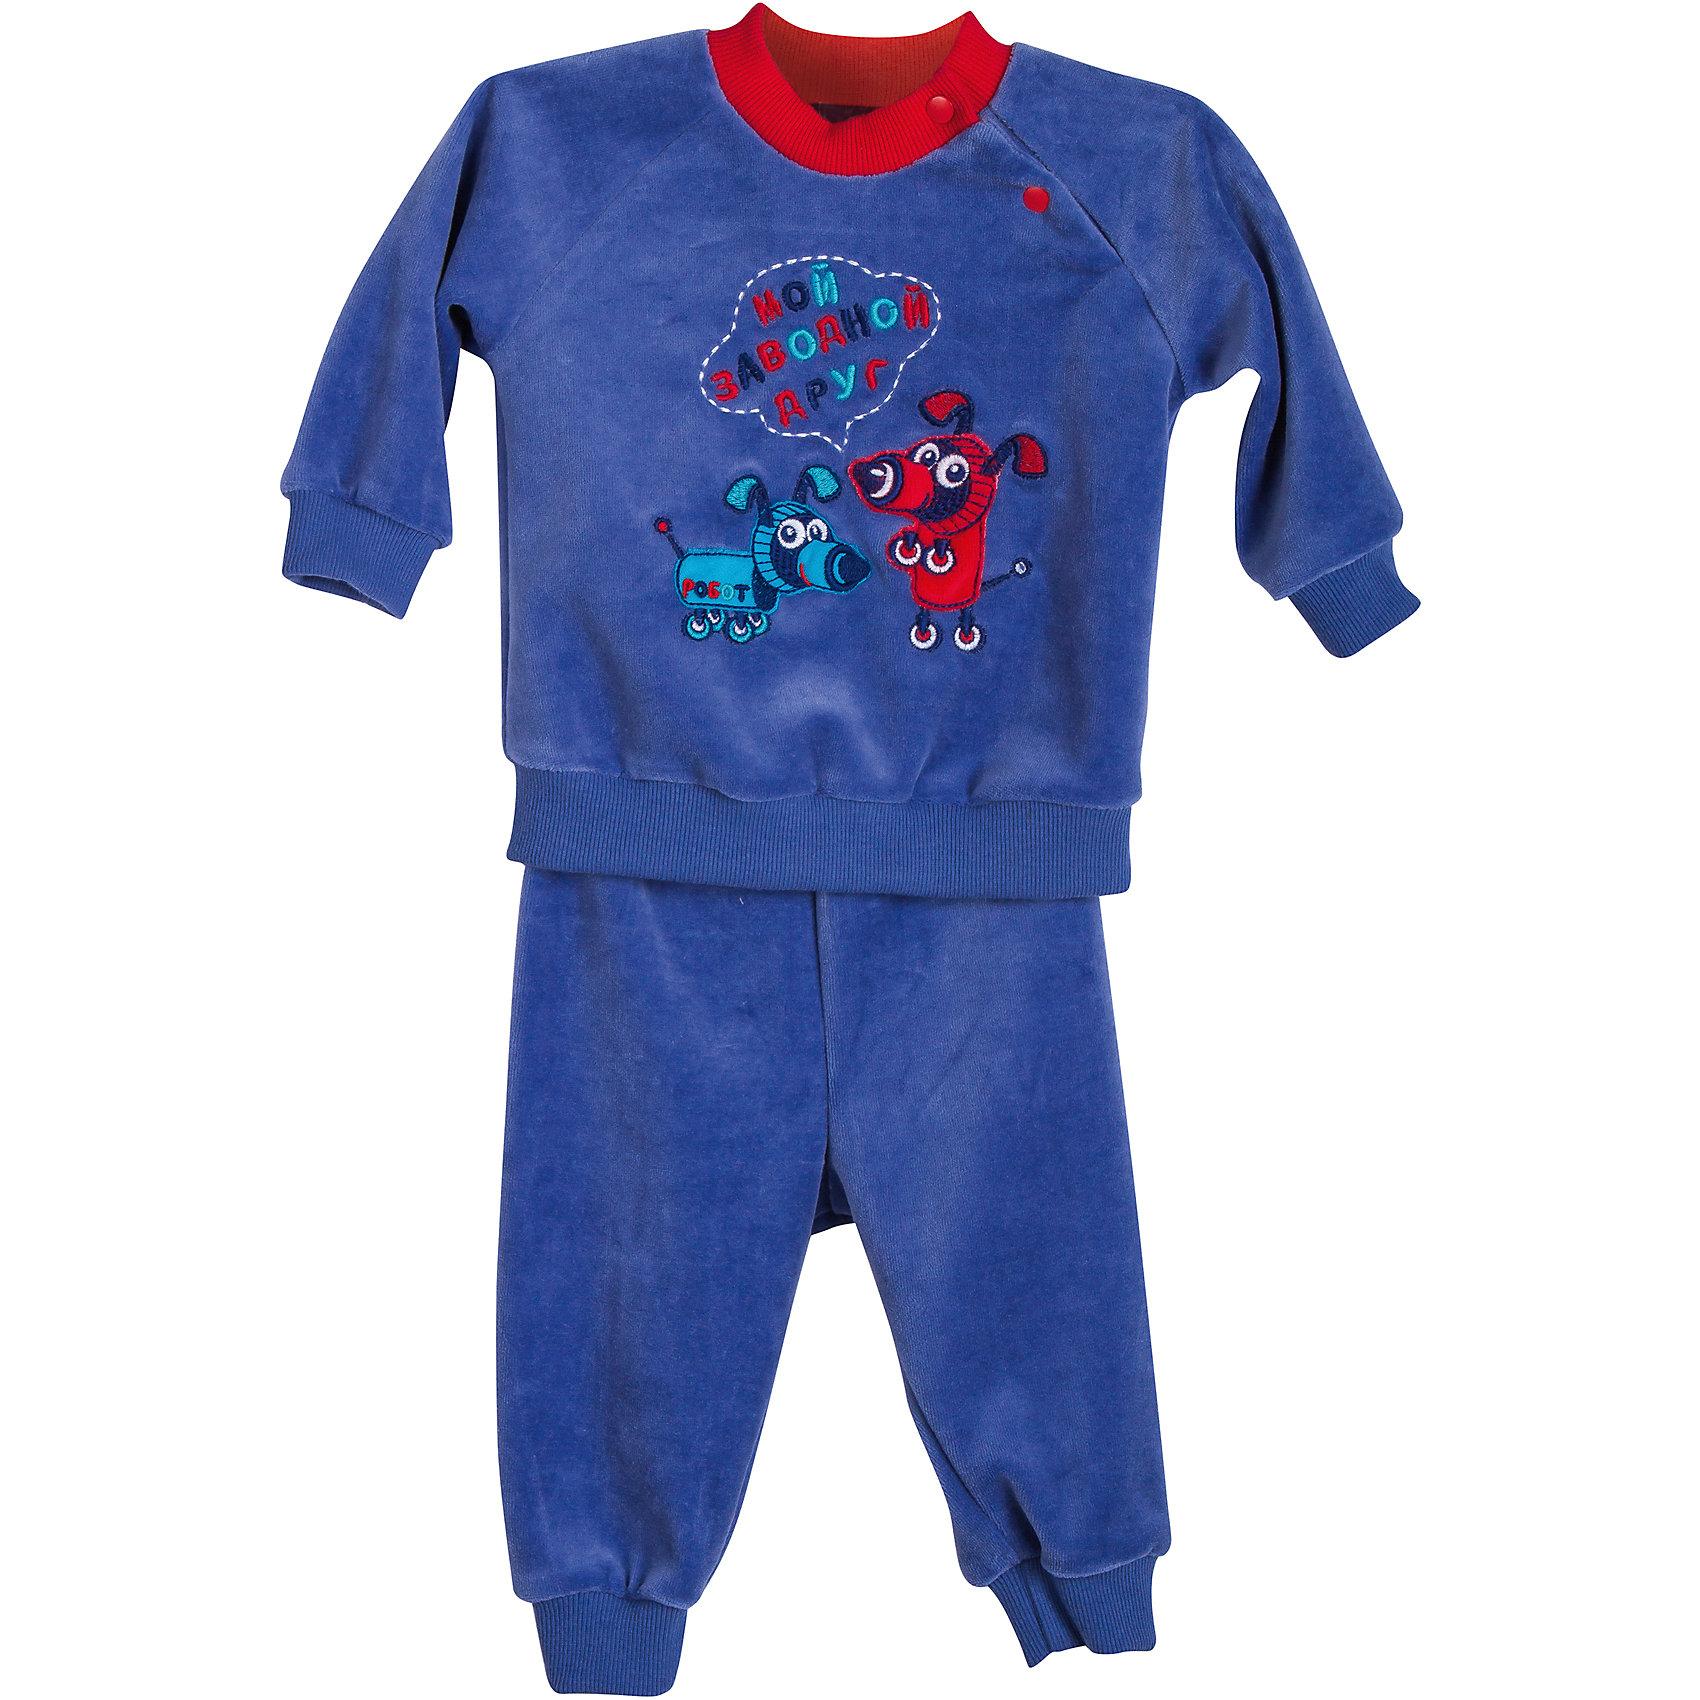 Комплект: толстовка и брюки для мальчика БимошаКомплект: толстовка и брюки для мальчика от марки Бимоша.<br>Комплект  на манжетах, застегивается на кнопки дополнен  вышивкой,брюки на широкой резинке и манжеты внизу.<br>Состав:<br>велюр 80% хлопок, 20% ПЭ.<br><br>Ширина мм: 157<br>Глубина мм: 13<br>Высота мм: 119<br>Вес г: 200<br>Цвет: синий<br>Возраст от месяцев: 1<br>Возраст до месяцев: 3<br>Пол: Мужской<br>Возраст: Детский<br>Размер: 62,80,86,74,68<br>SKU: 4579434